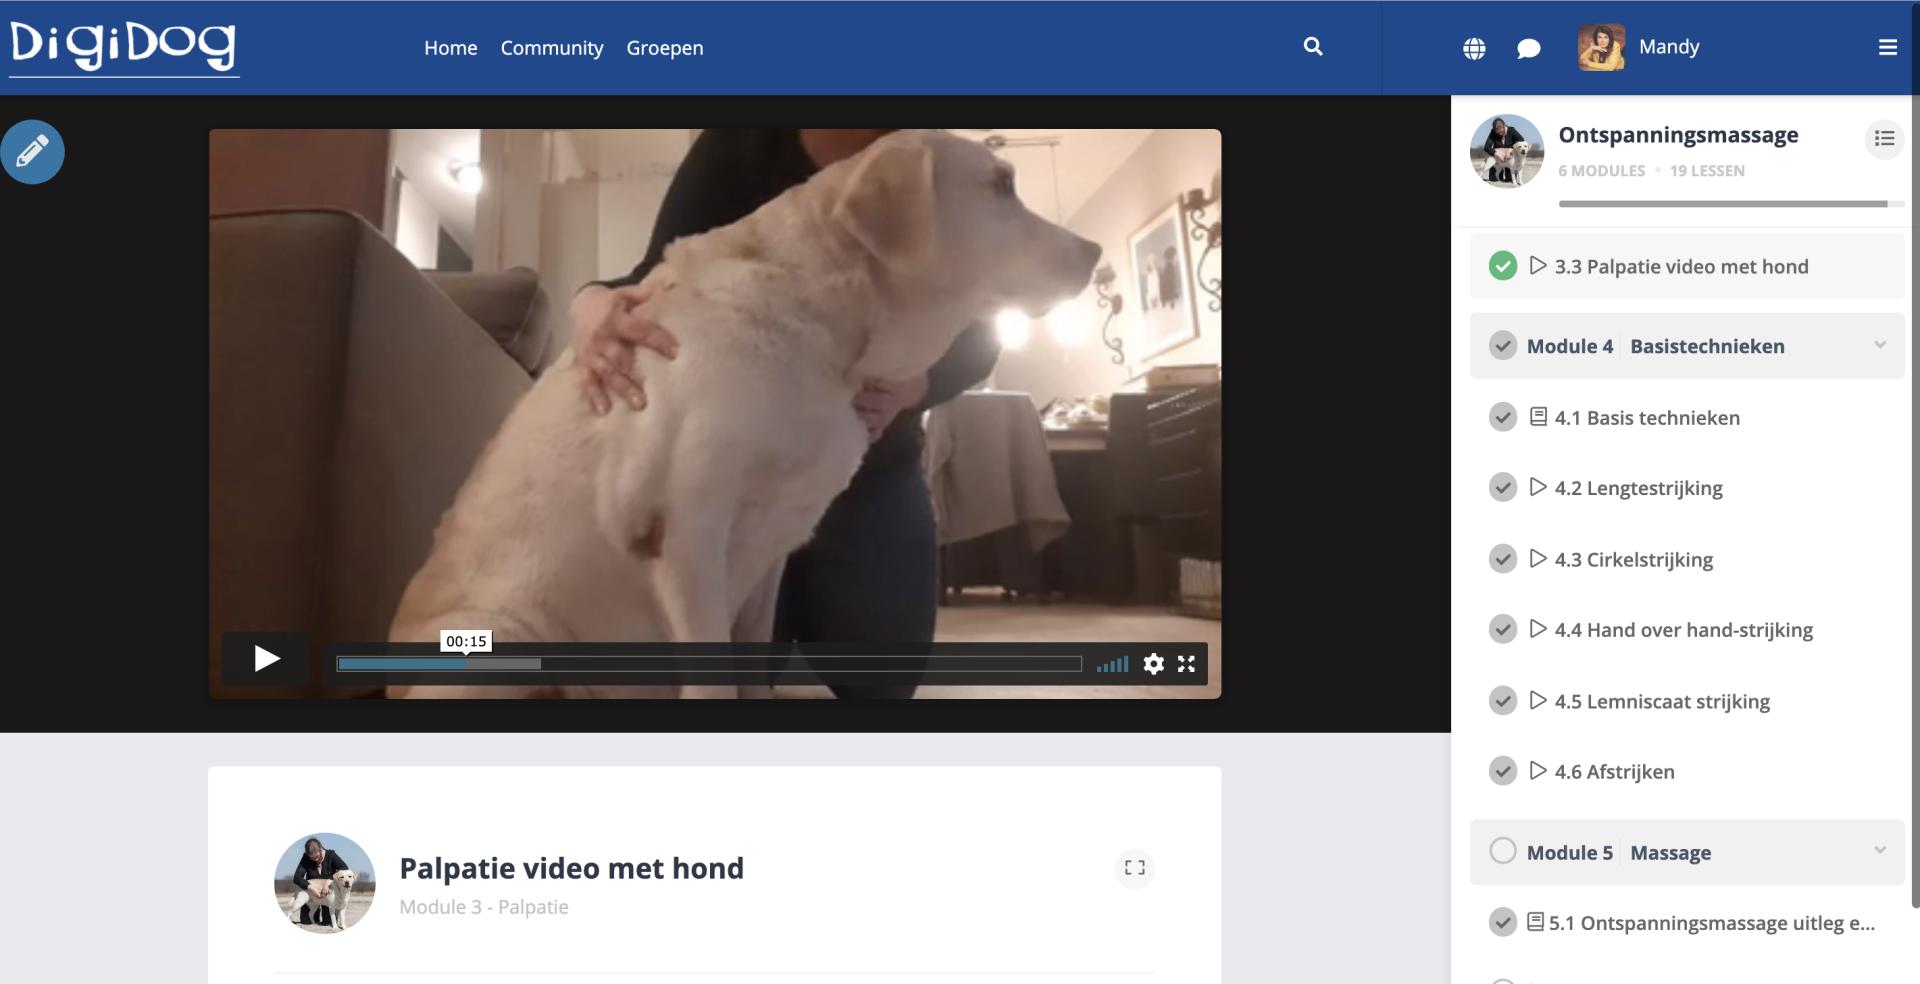 Workshop Ontspanningsmassage: Video met hond